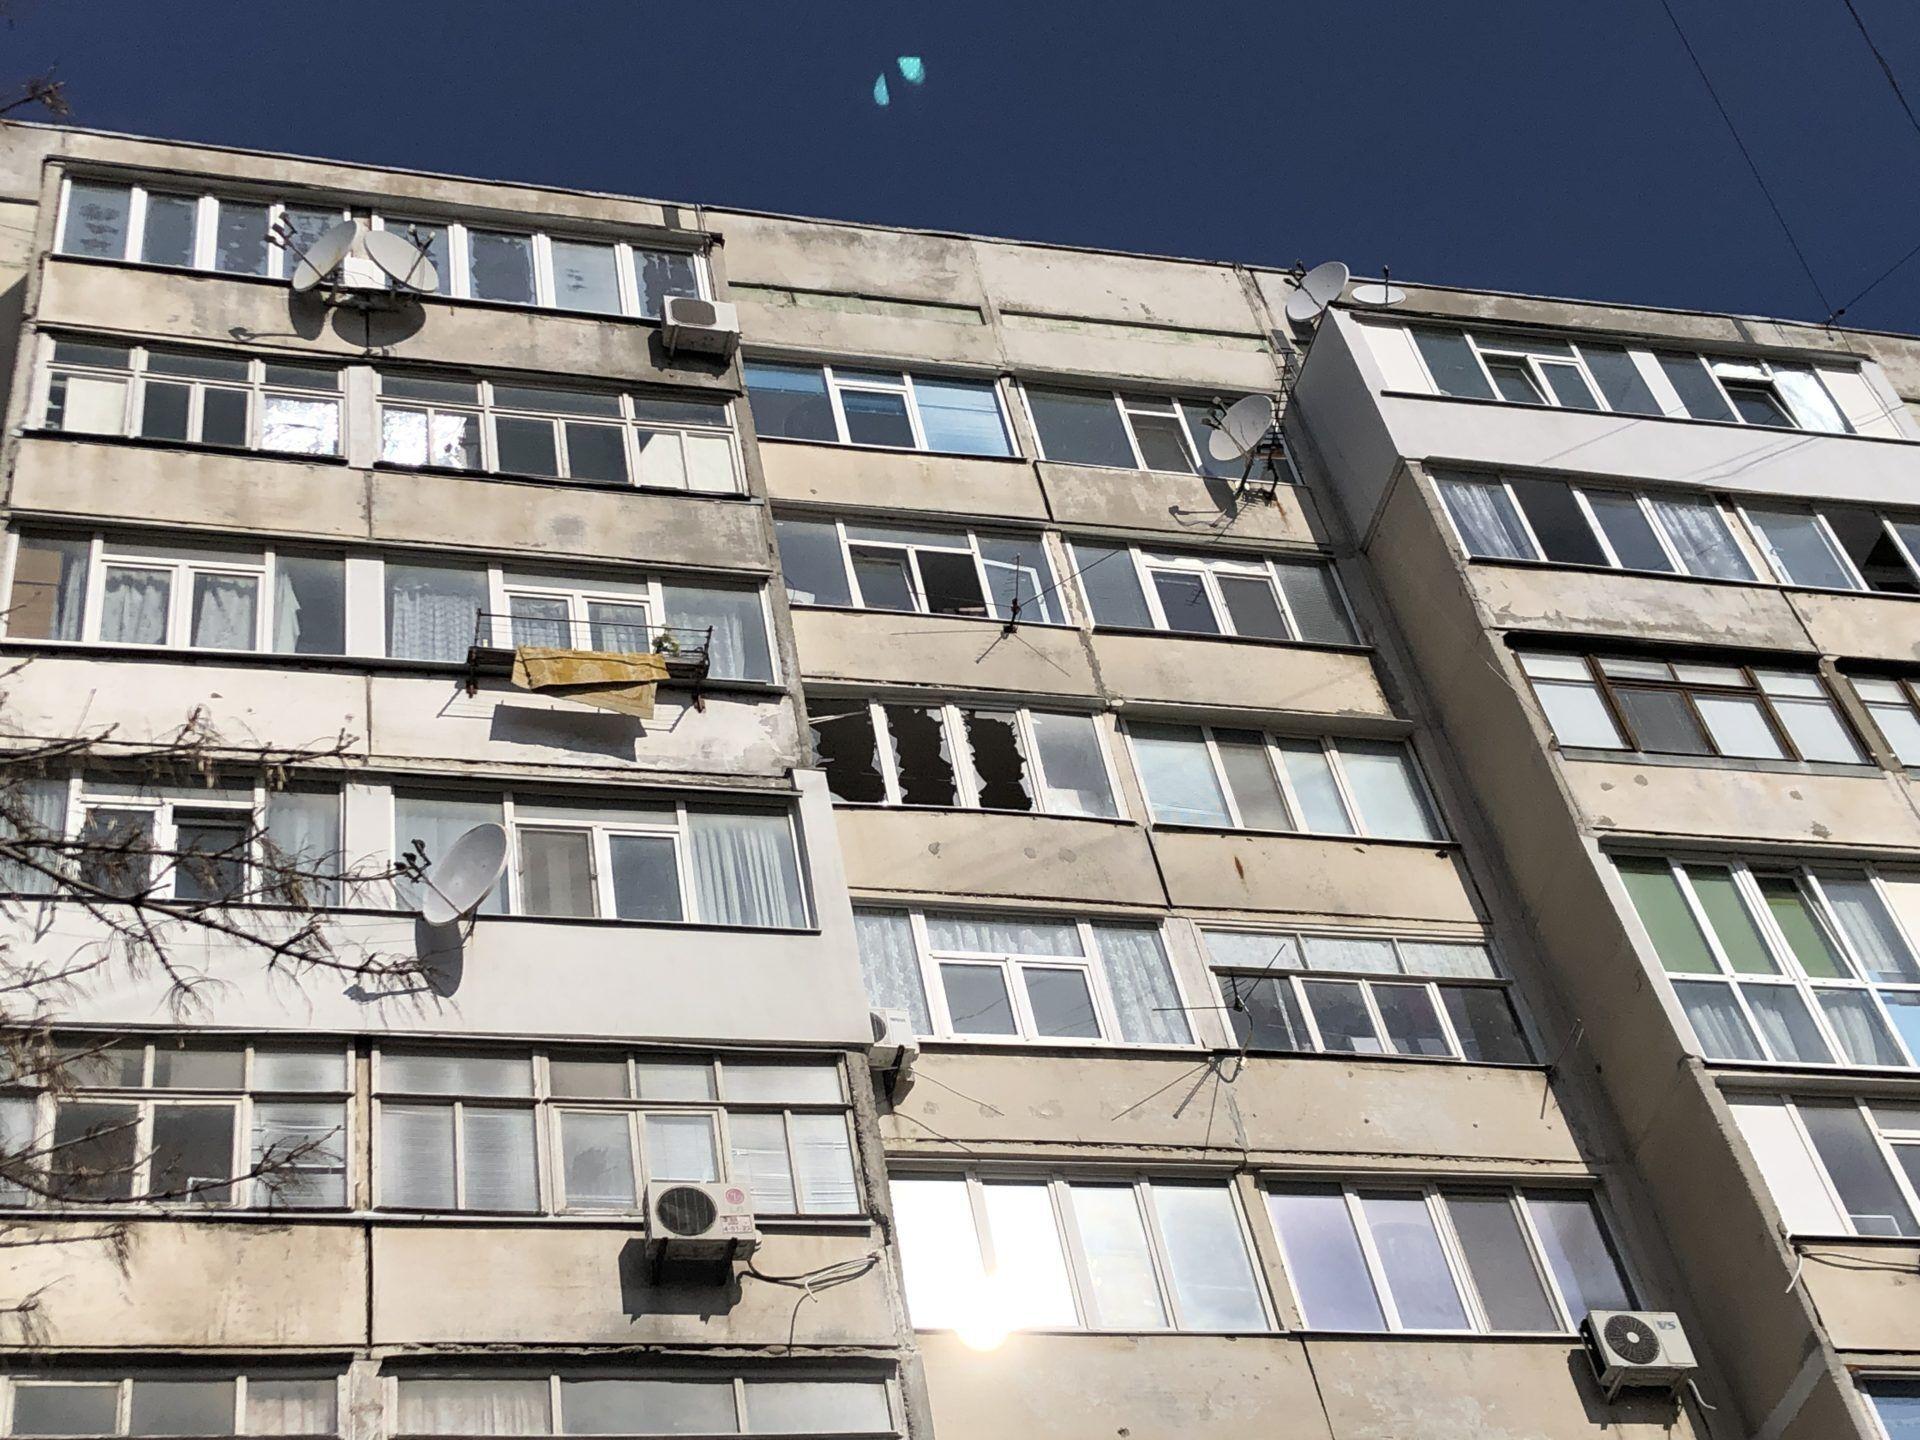 Взрыв произошел на 7-м этаже 9-этажки